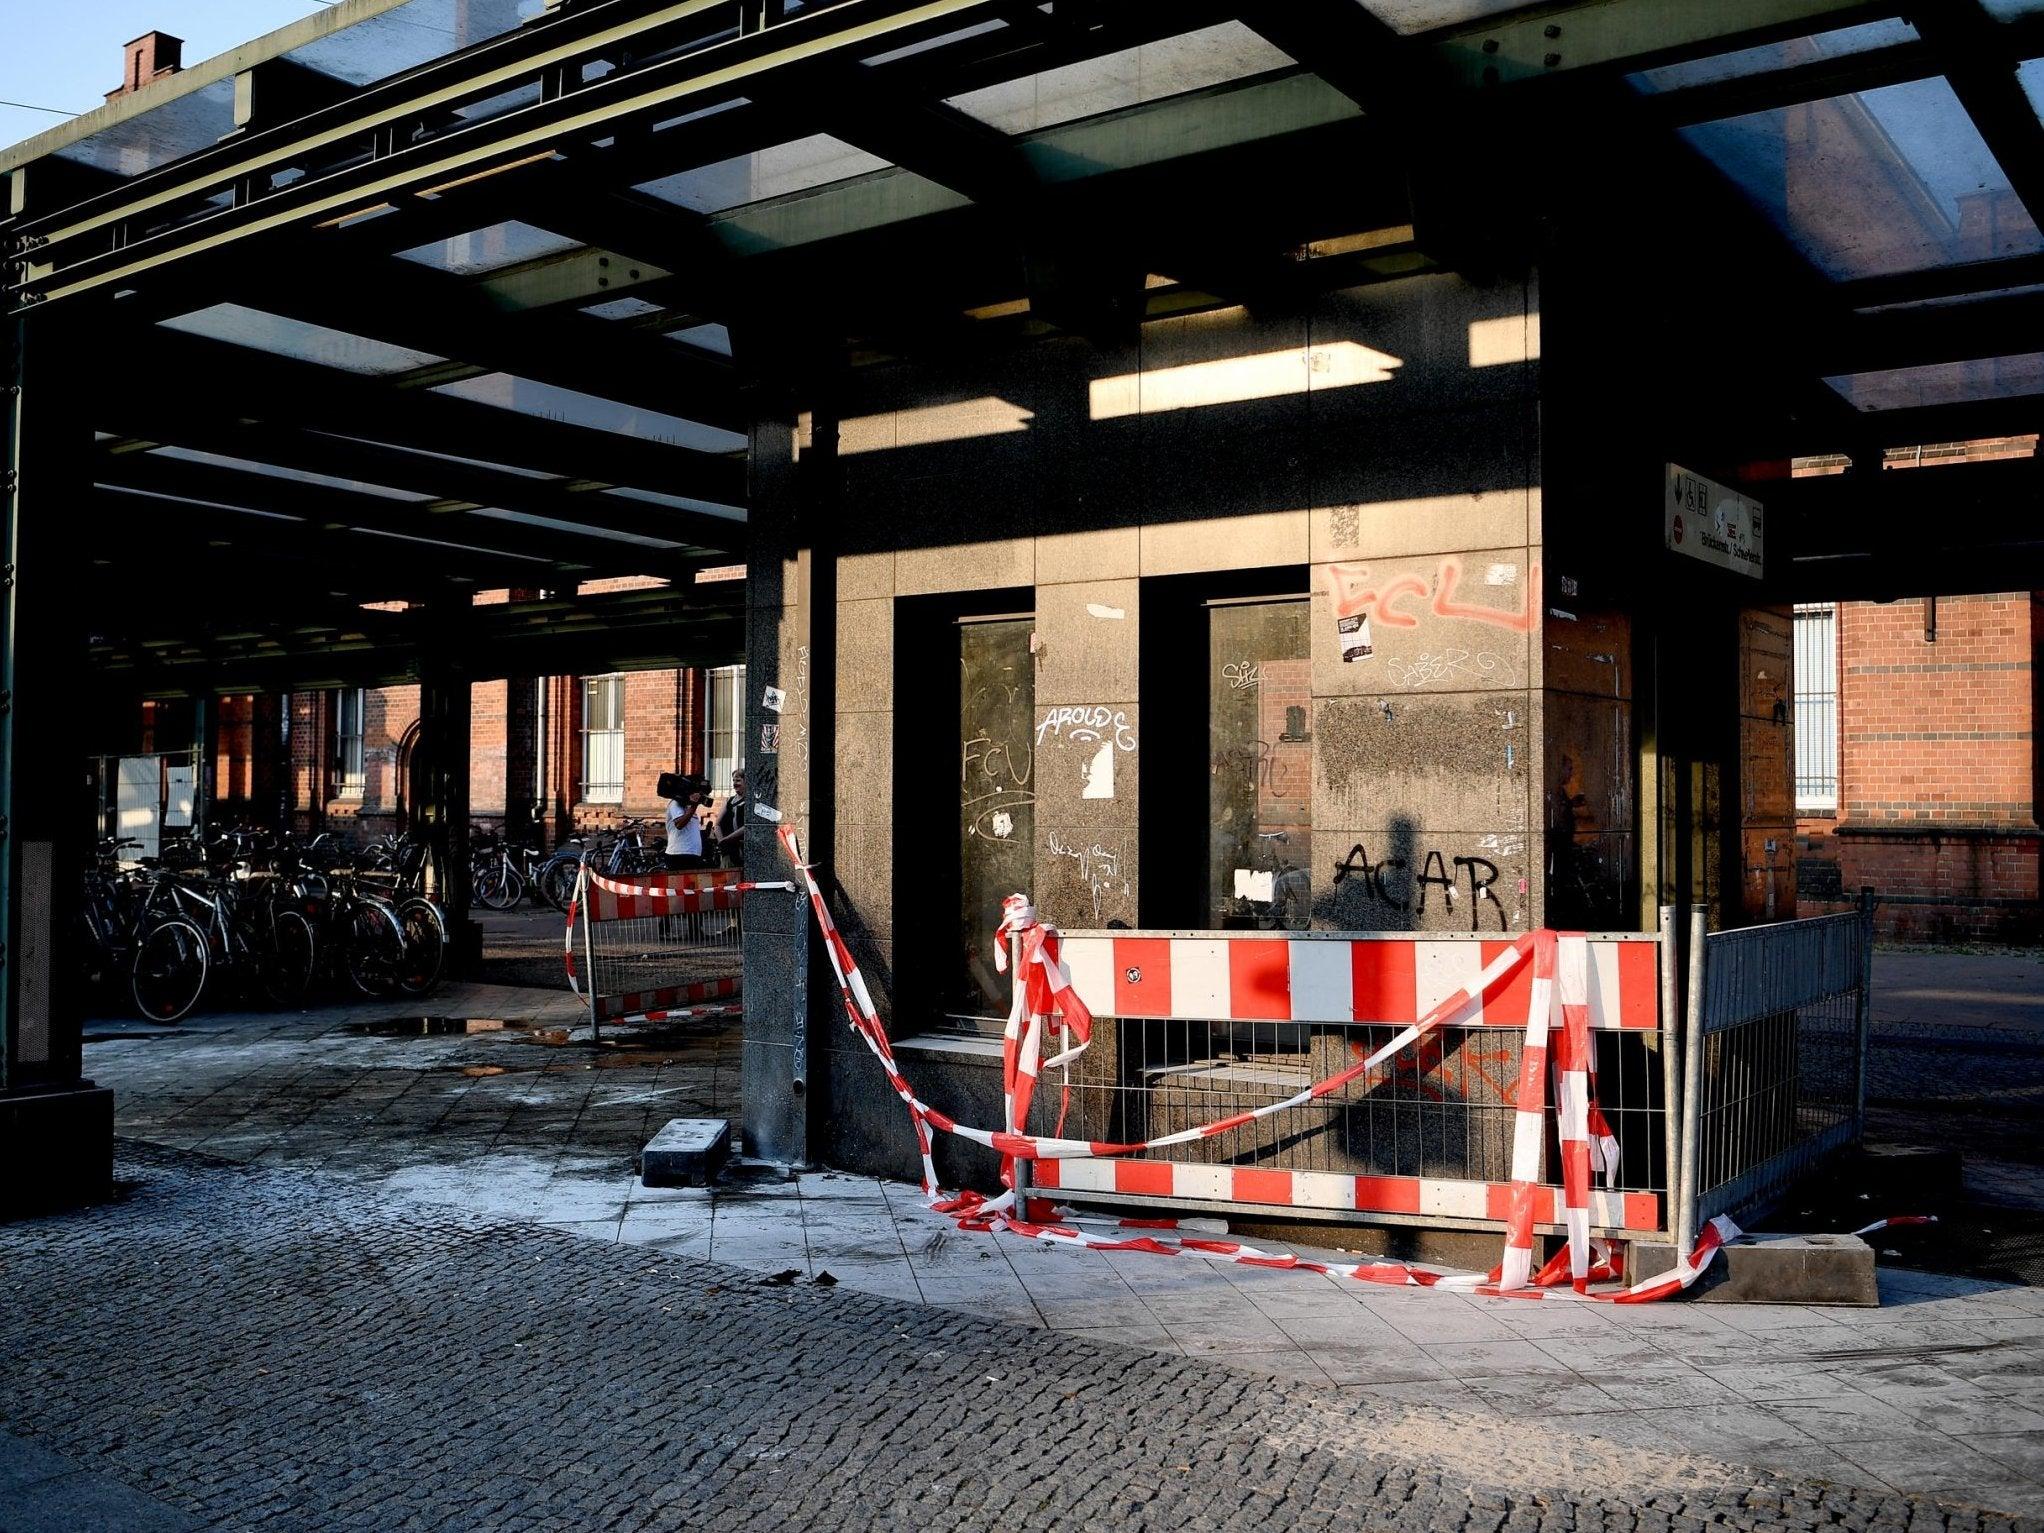 Two homeless men set on fire in Berlin